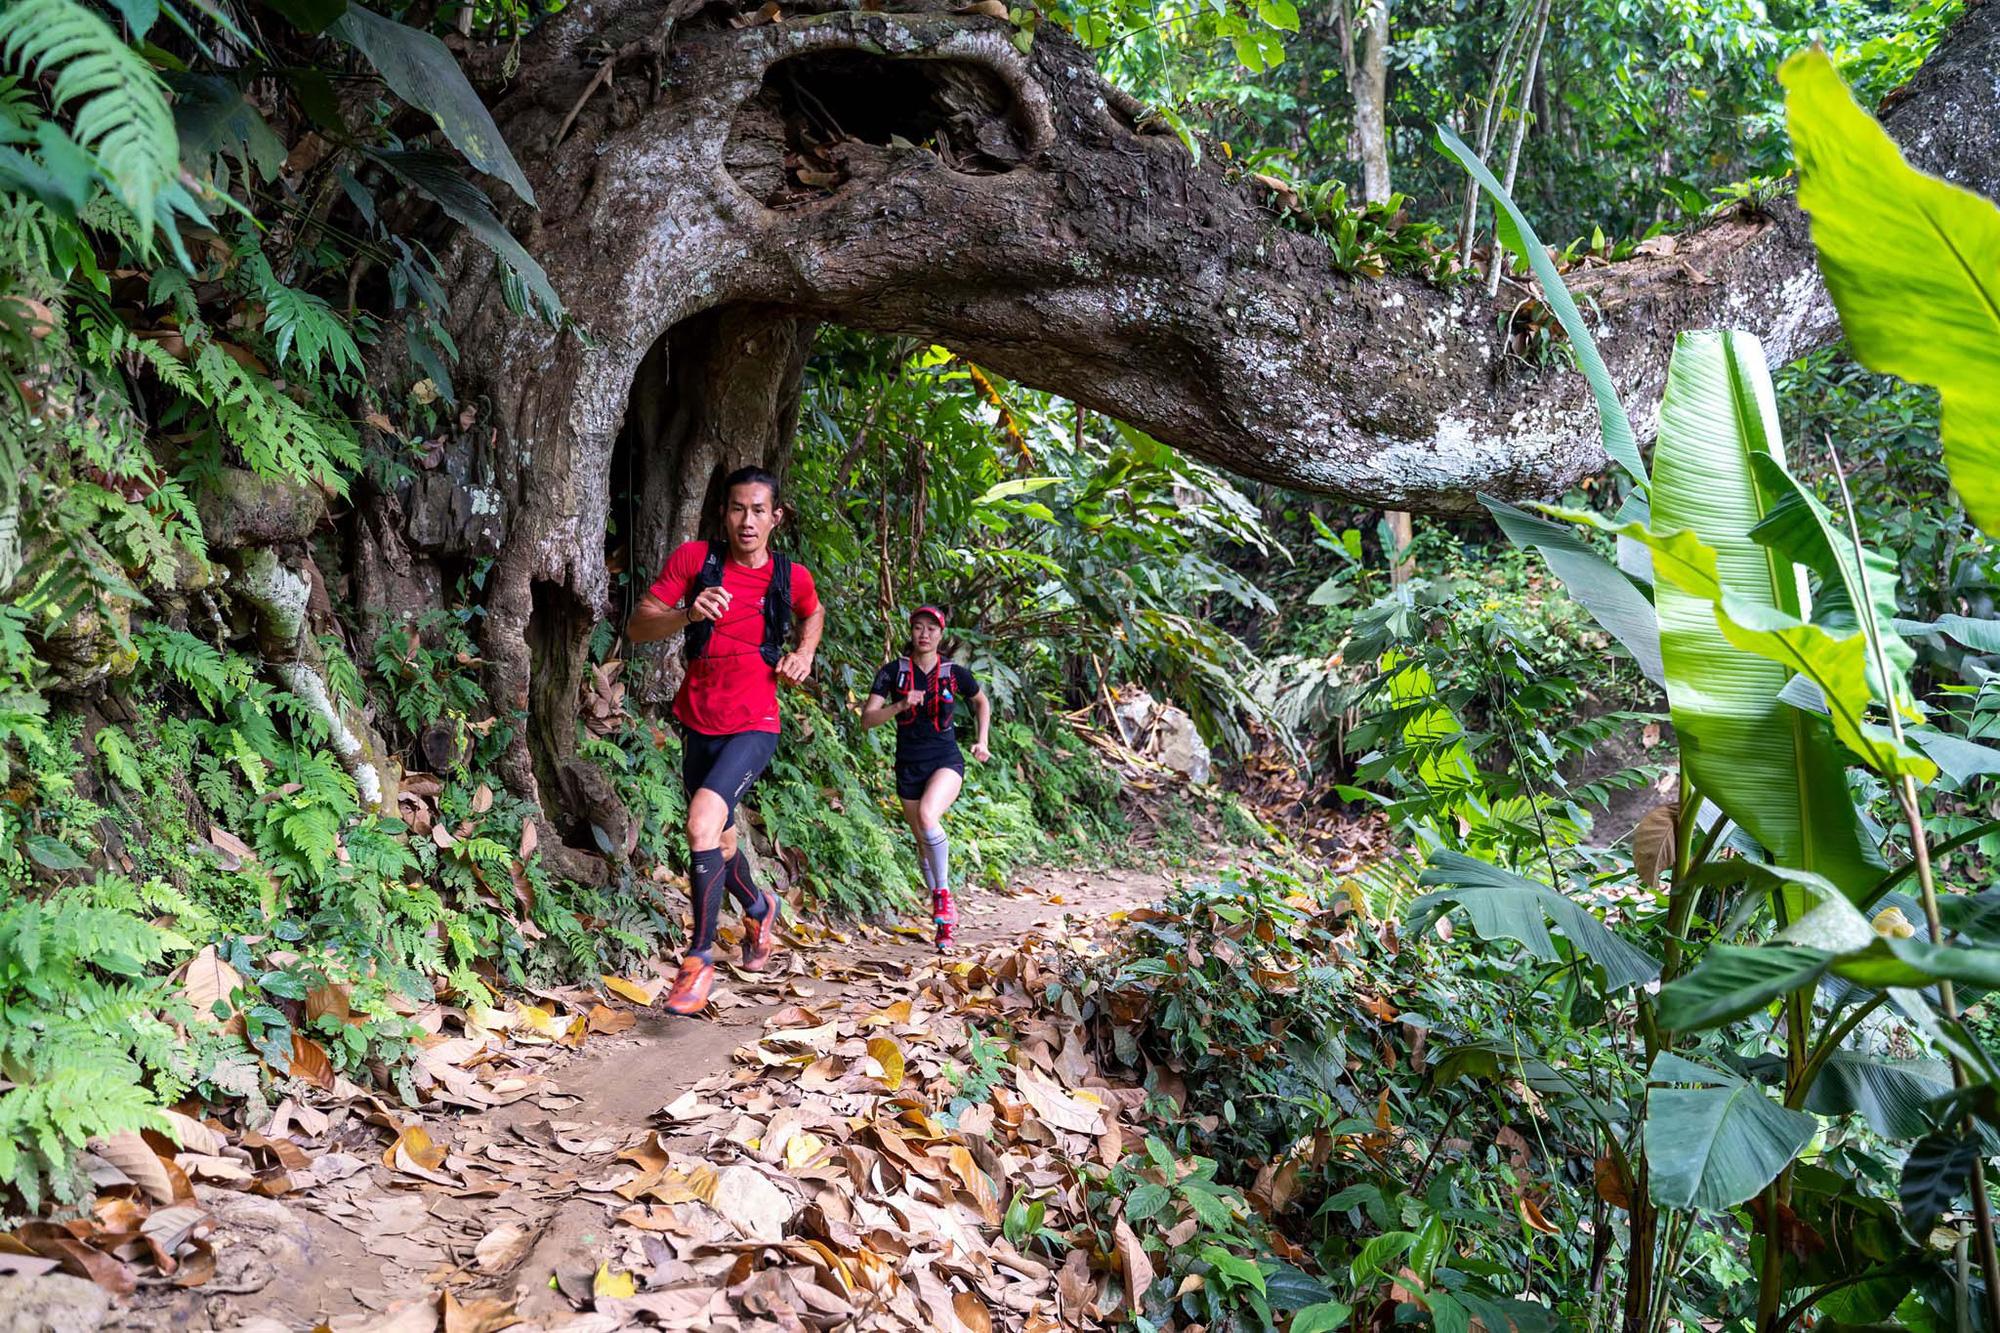 Bắc Kạn tổ chức giải chạy Ba Bể Jungle Marathon nhằm quảng bá du lịch - Ảnh 1.